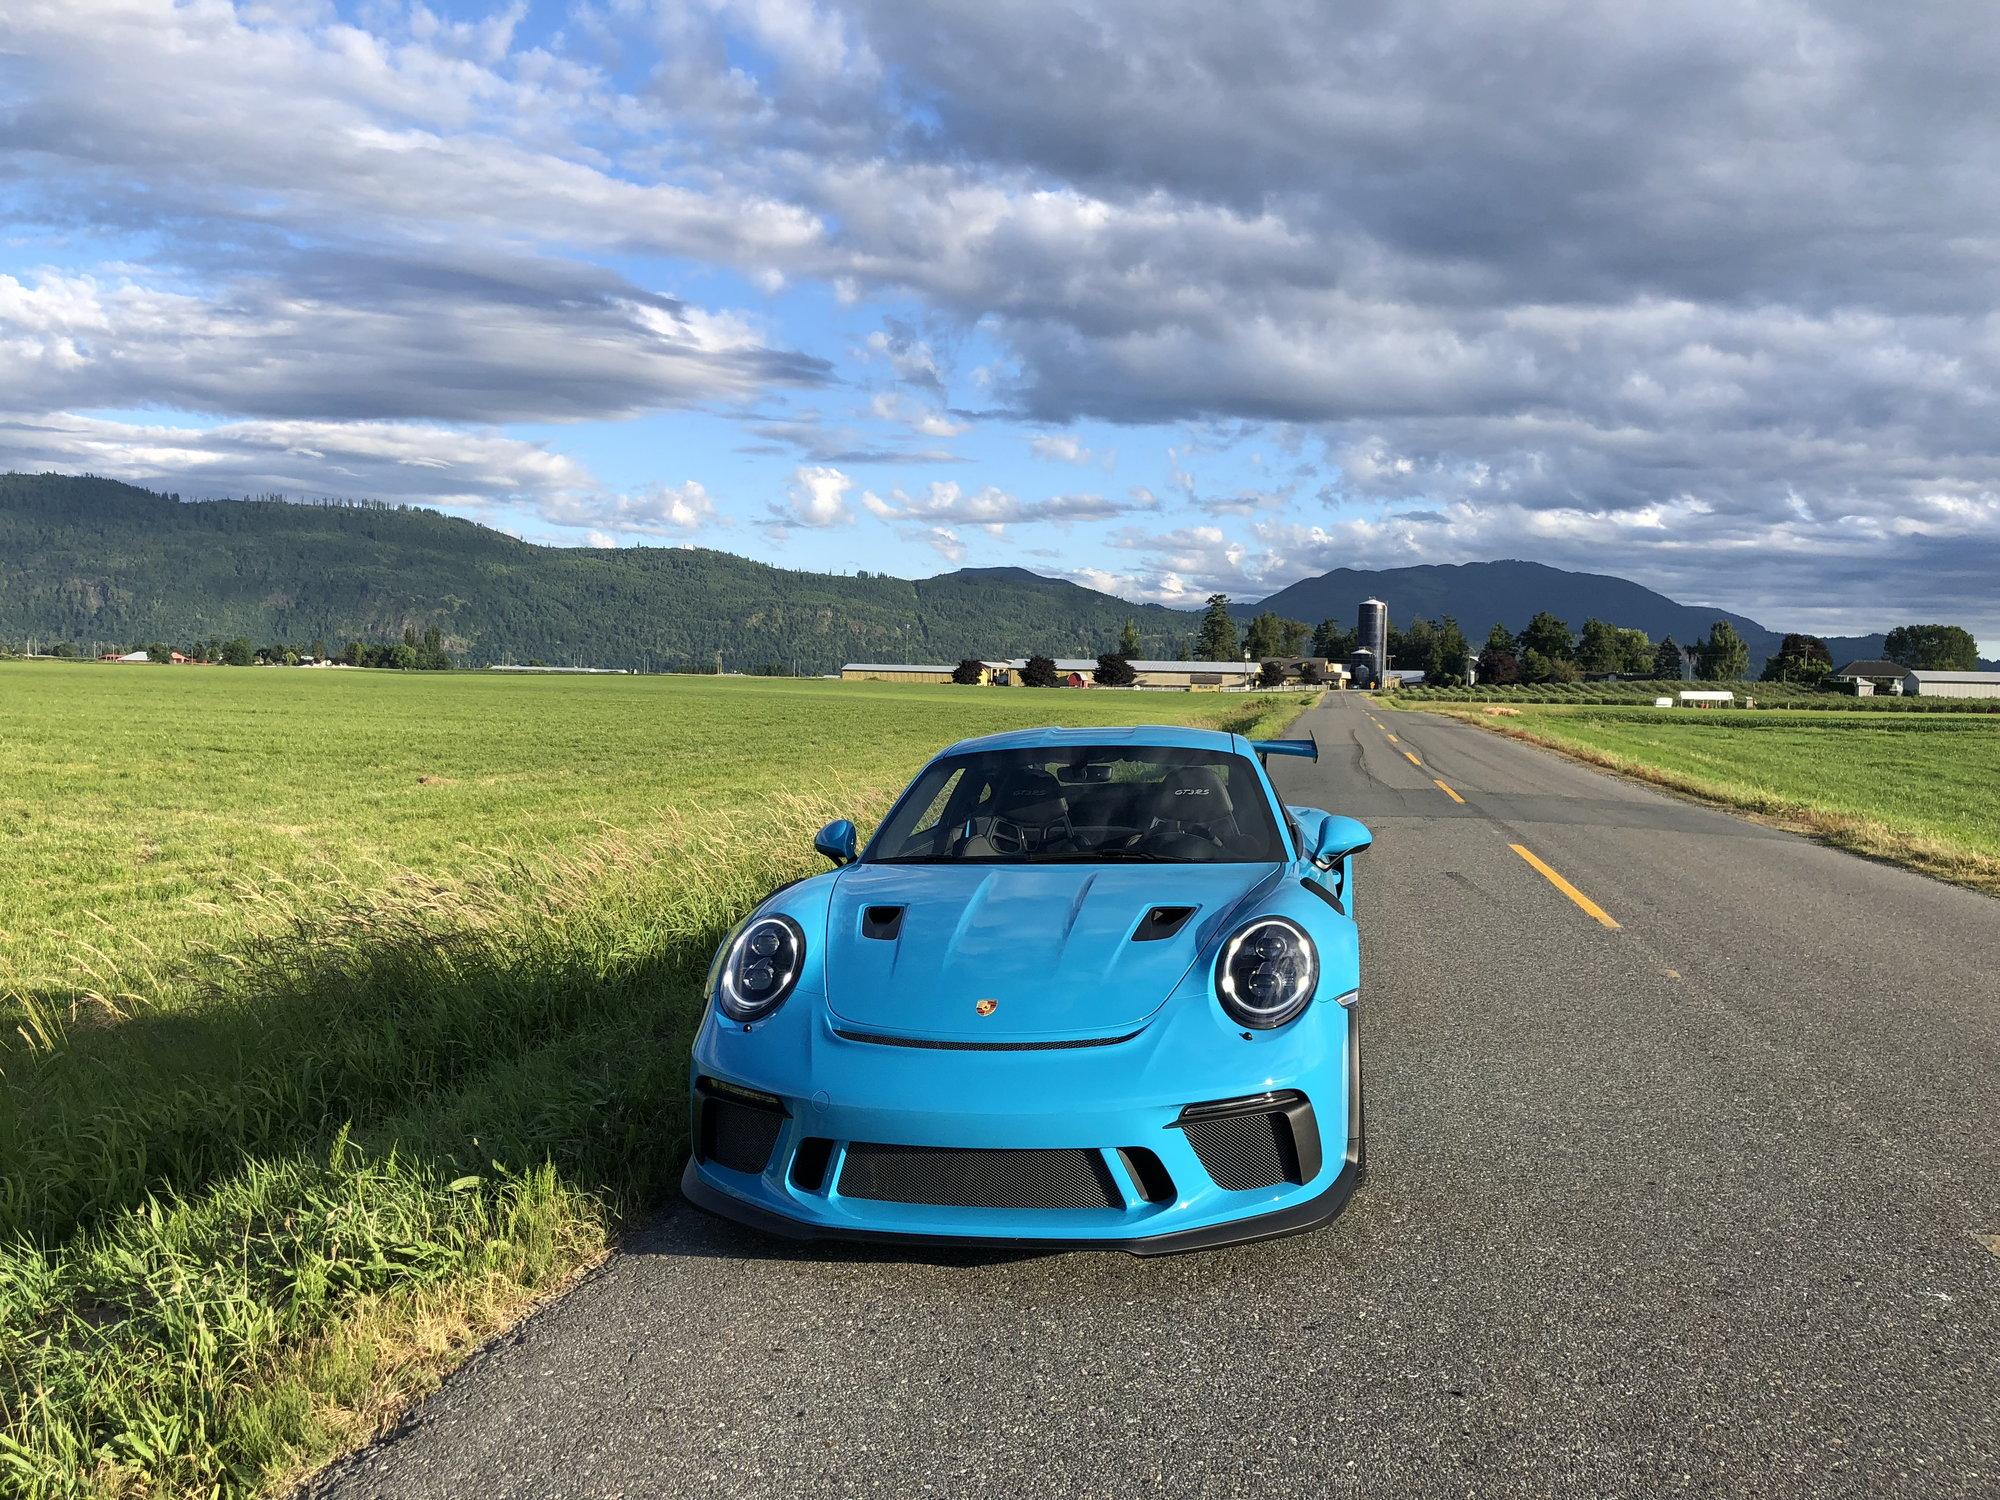 2019 Porsche GT3 RS Miami Blue with 900 miles - Rennlist ...